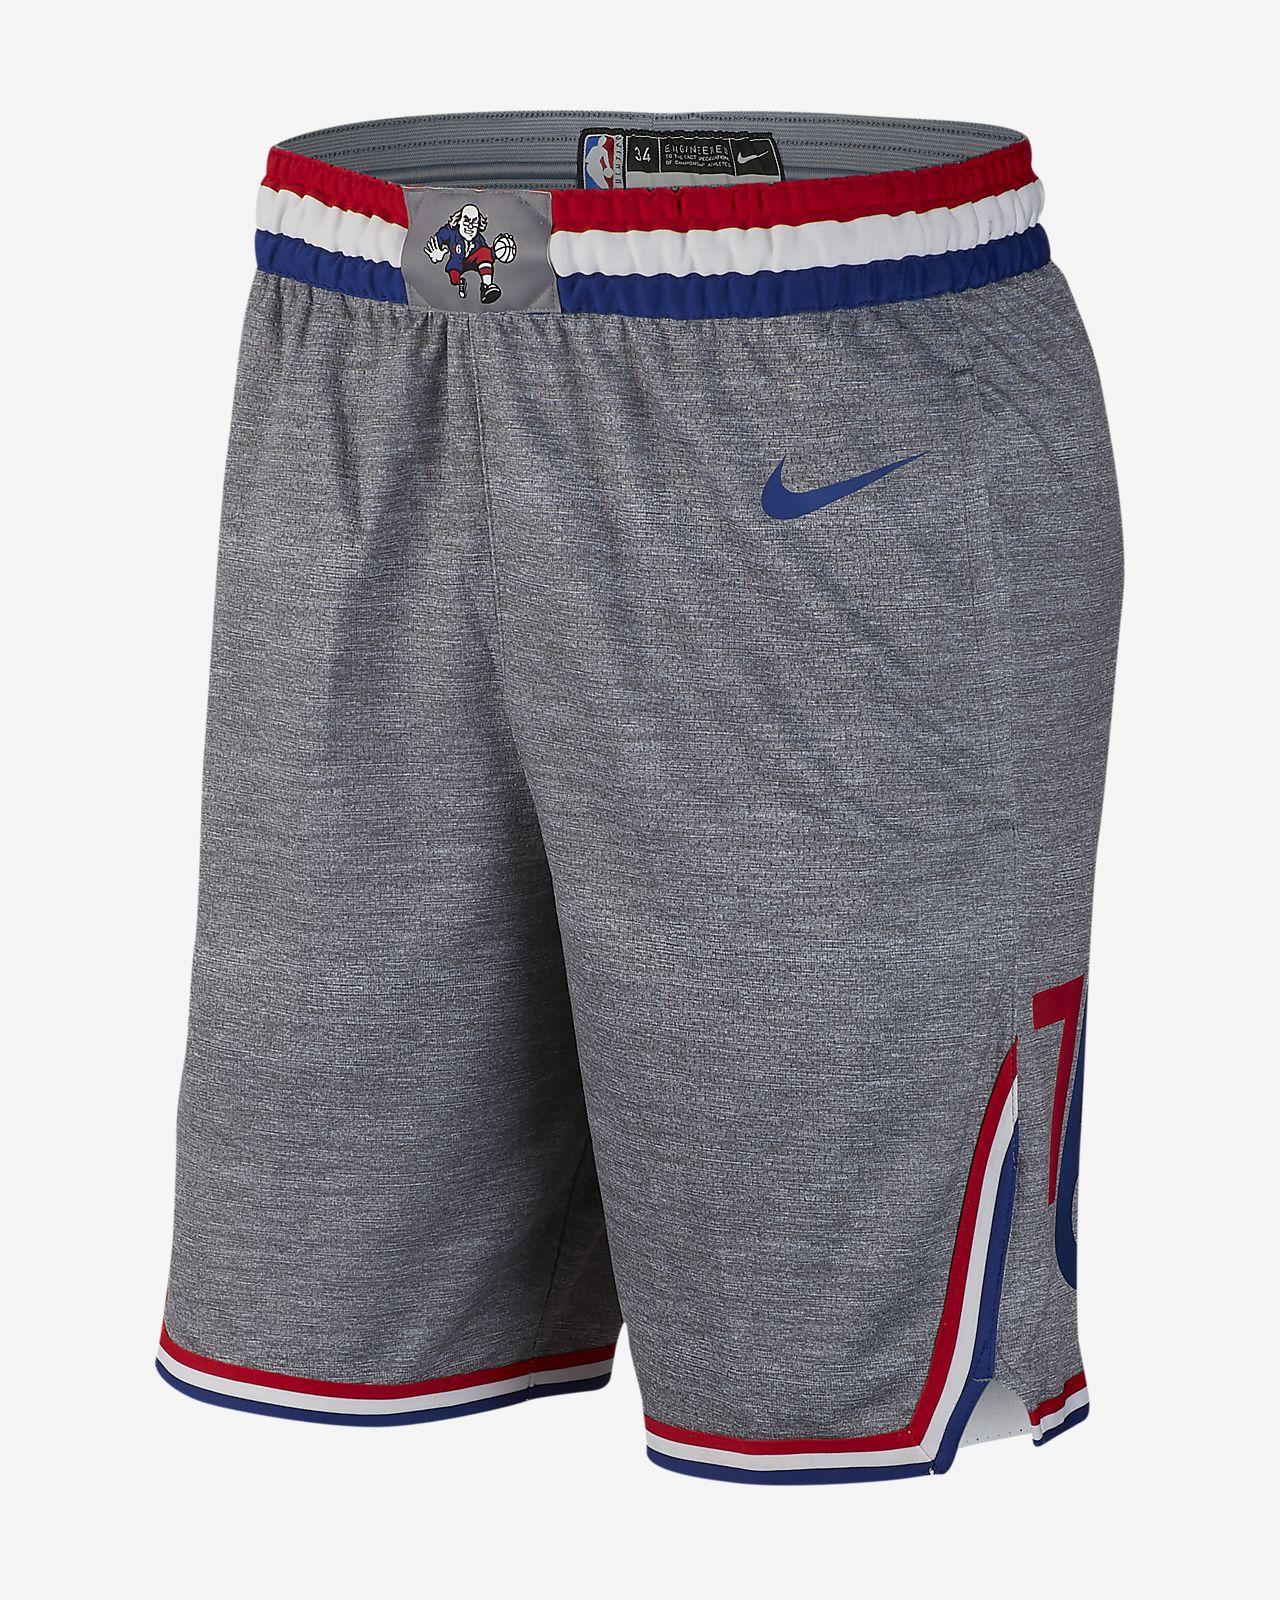 076e41836edf Philadelphia 76ers City Edition Swingman Men s Nike NBA Shorts. Nike.com